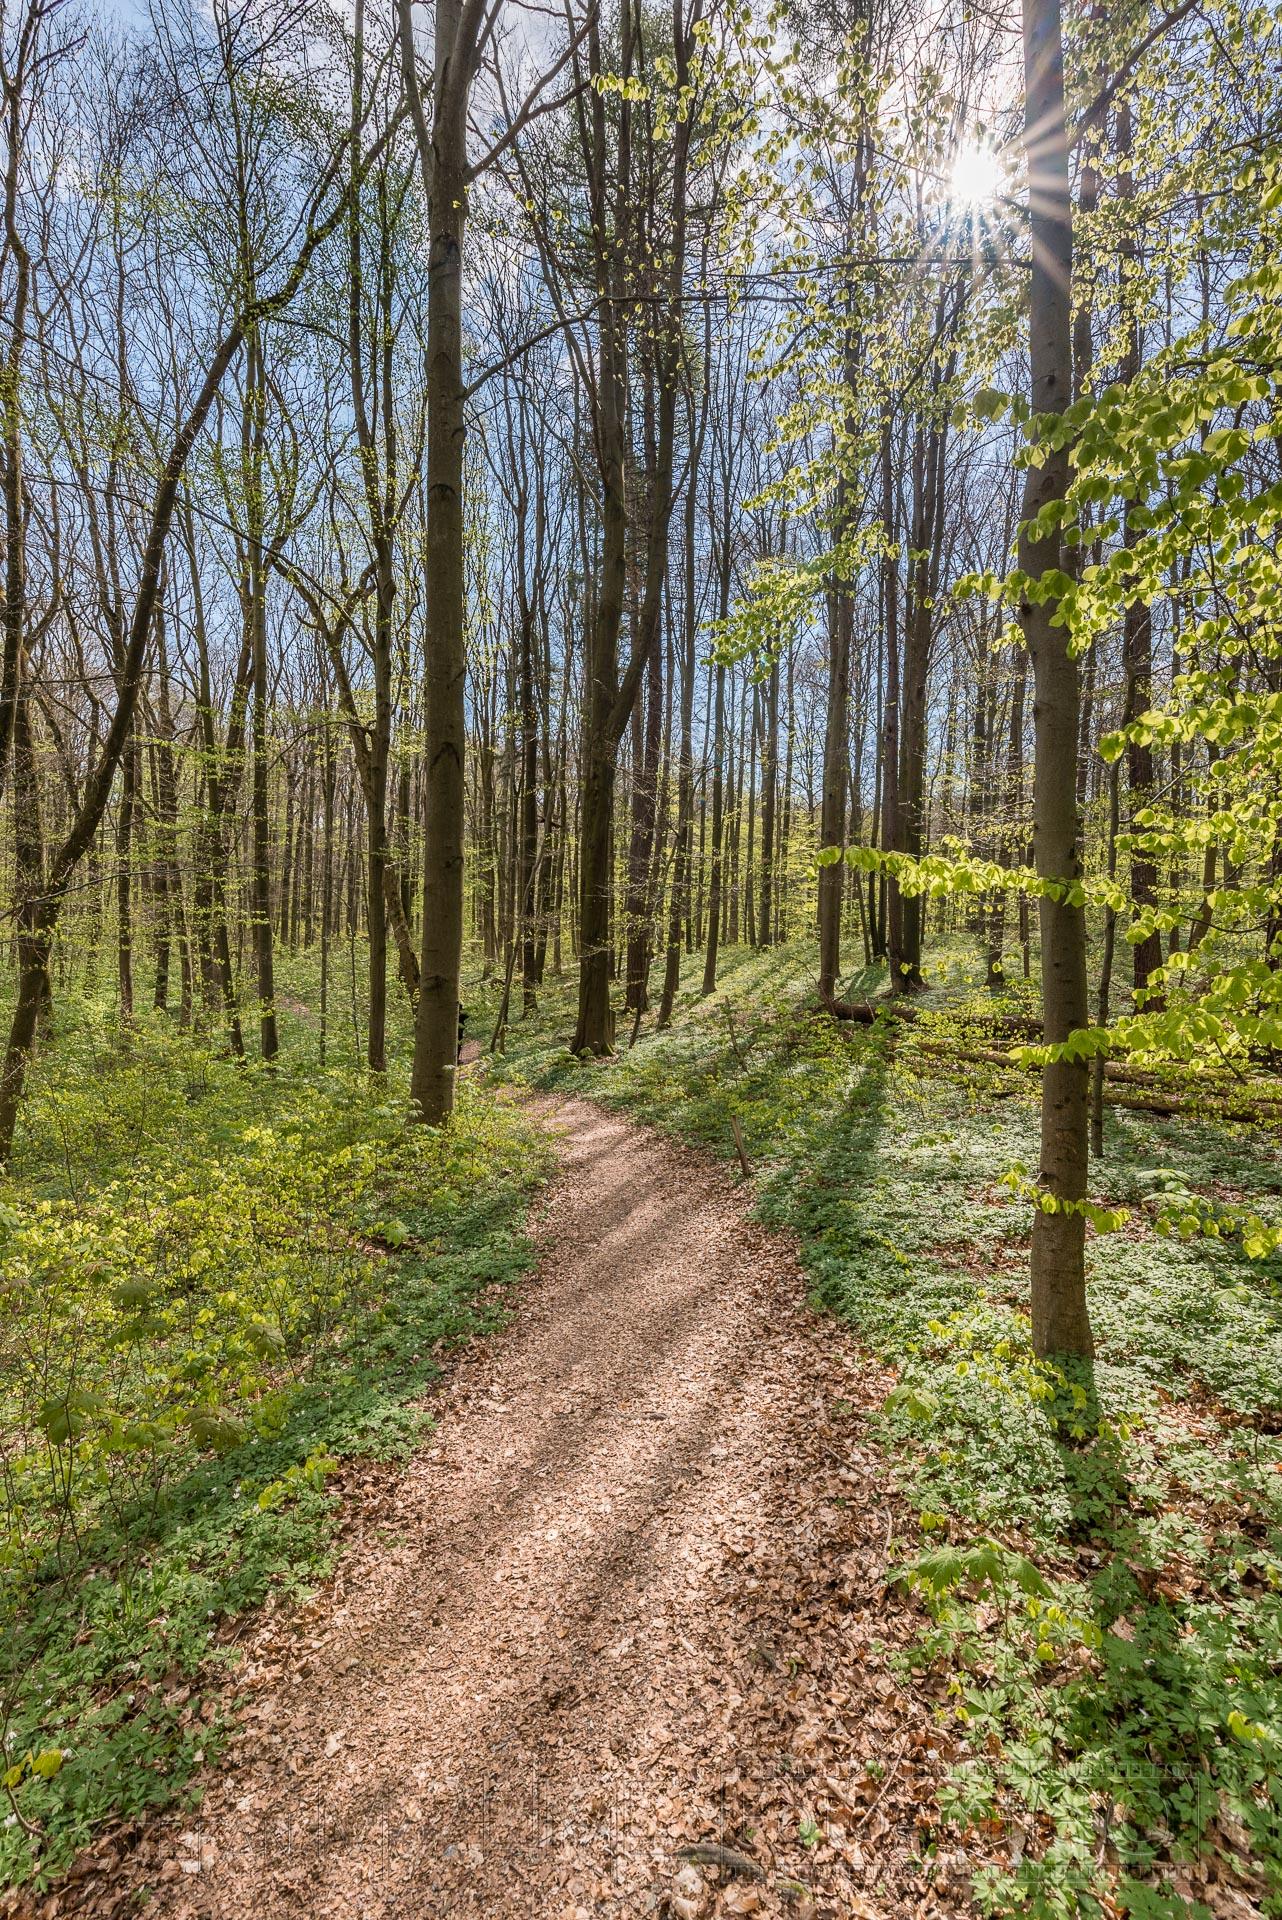 Wald,gegenlicht,natur,baumstaemme,laub